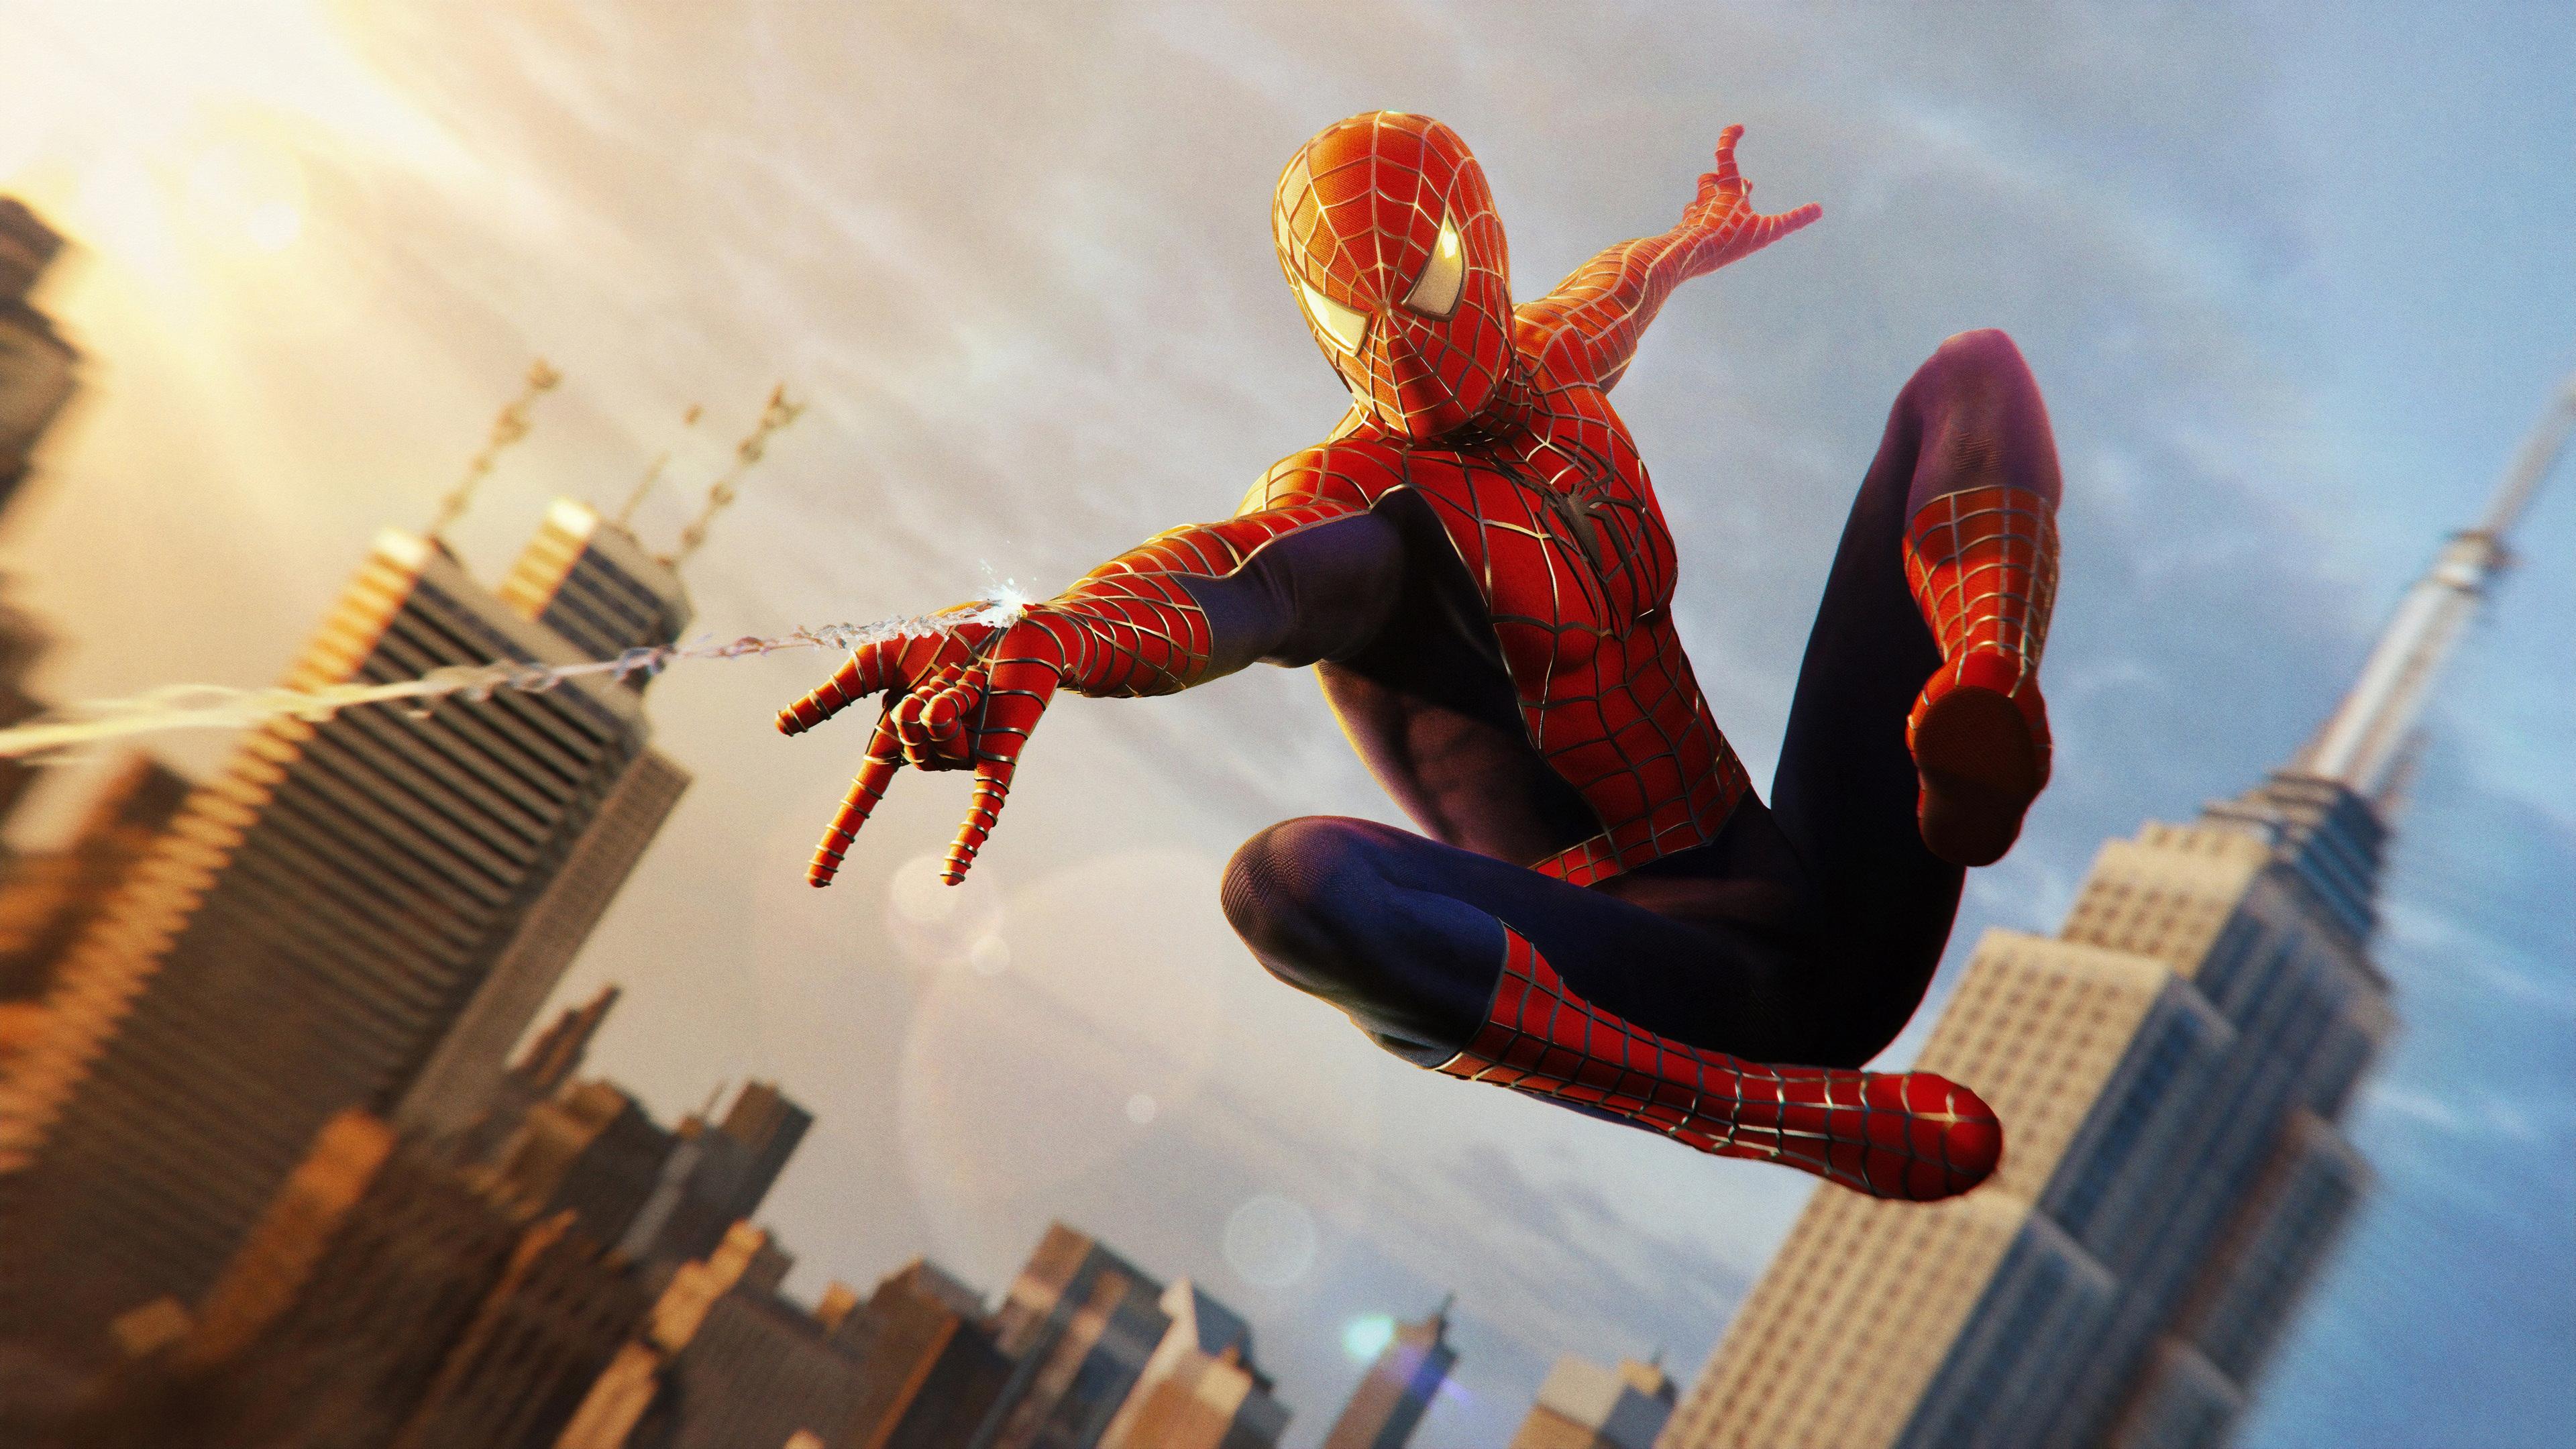 spiderman 4k 1545588731 - Spiderman 4k - superheroes wallpapers, spiderman wallpapers, hd-wallpapers, 4k-wallpapers